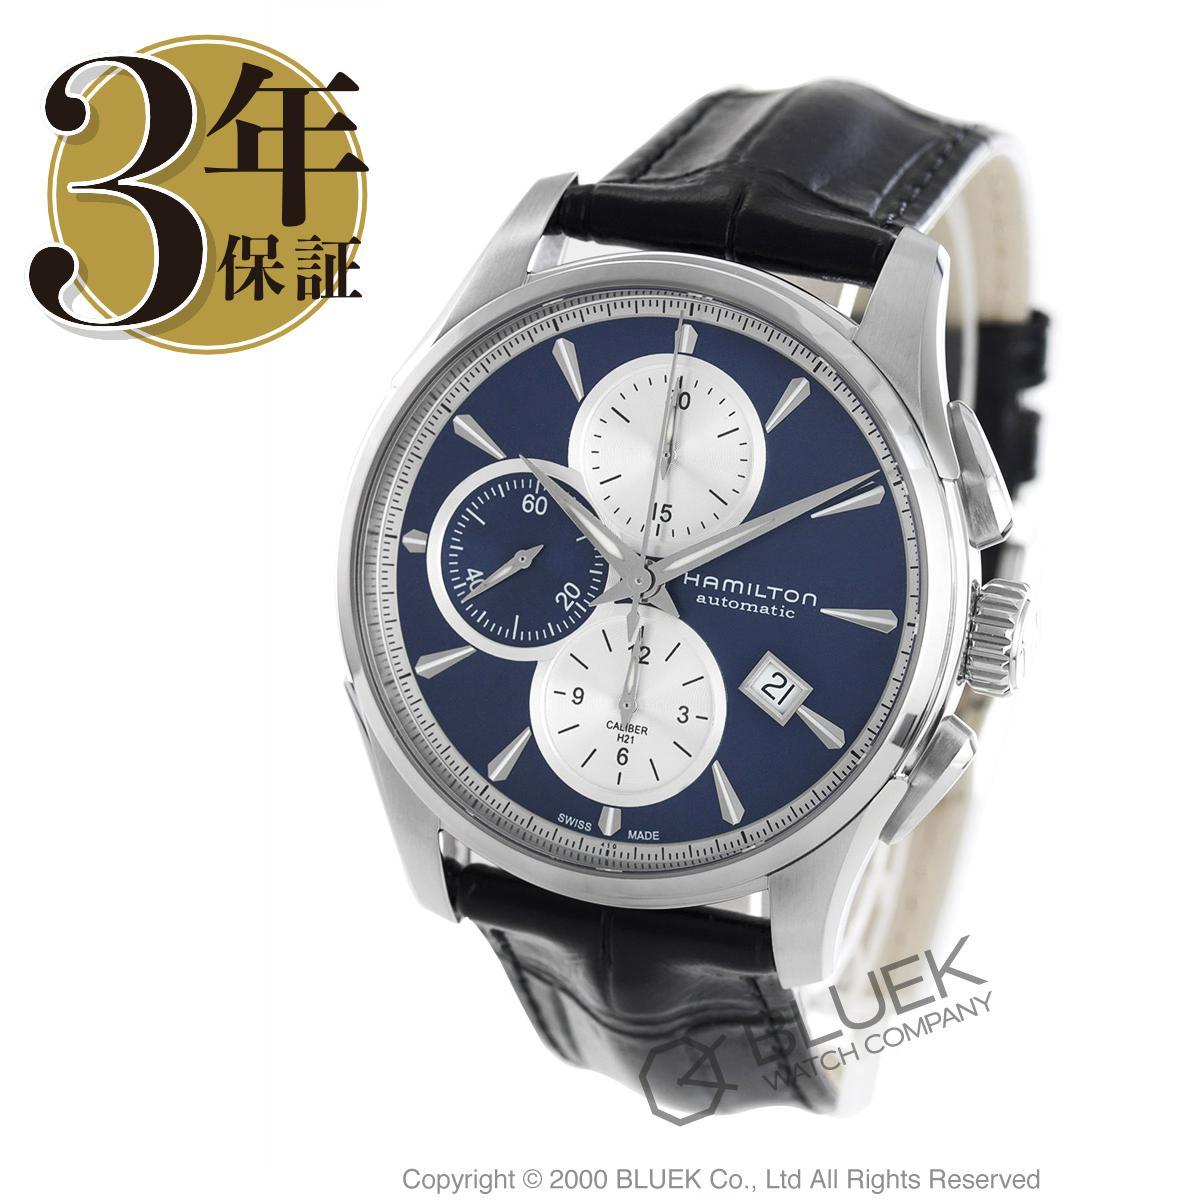 【3,000円OFFクーポン対象】ハミルトン ジャズマスター オート クロノ クロノグラフ 腕時計 メンズ HAMILTON H32596741_8